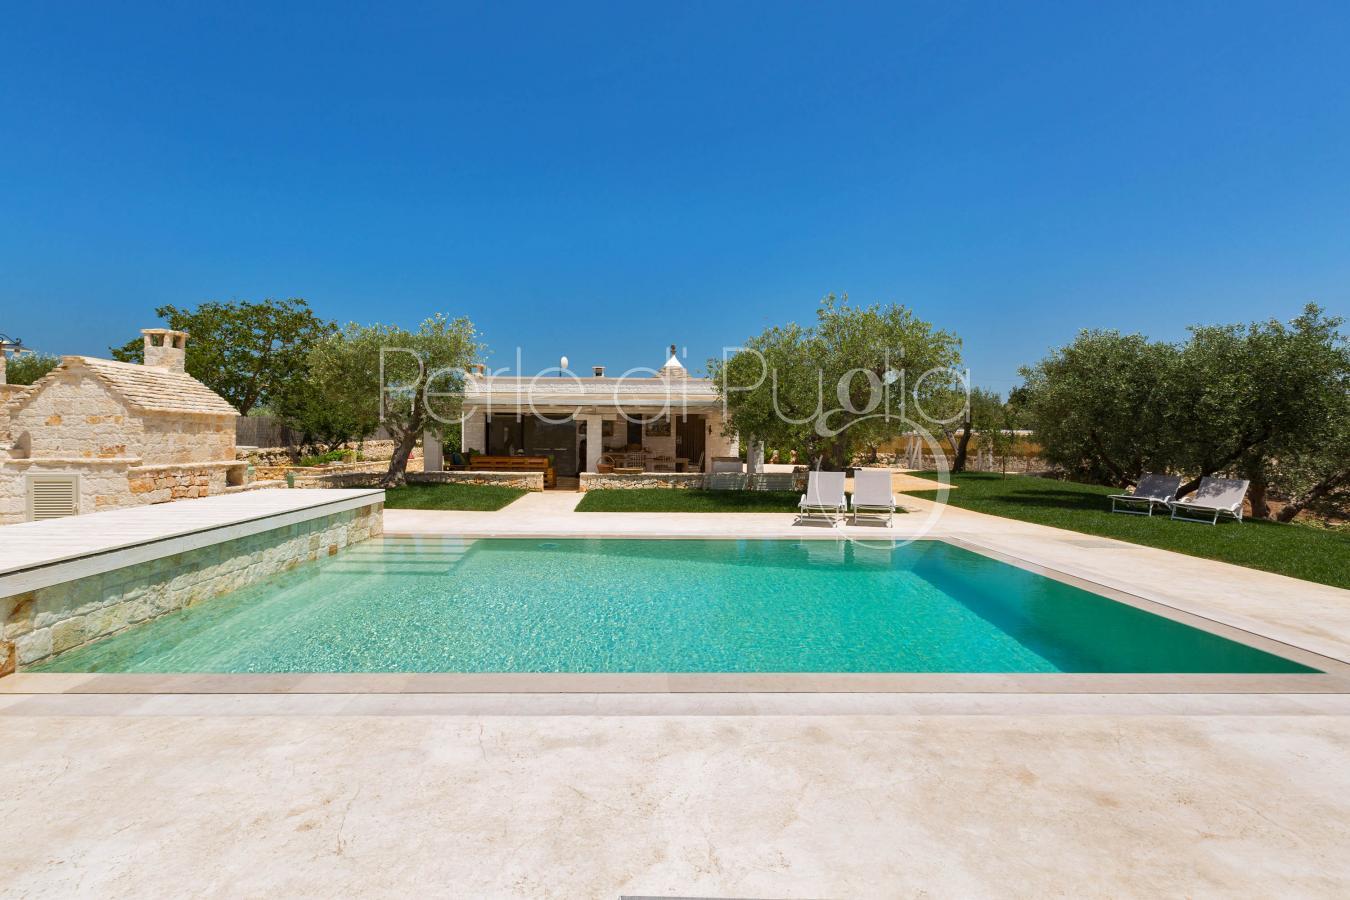 Vacanze con piscina e wine tourism ad alberobello trulli for Piscina wspace bari